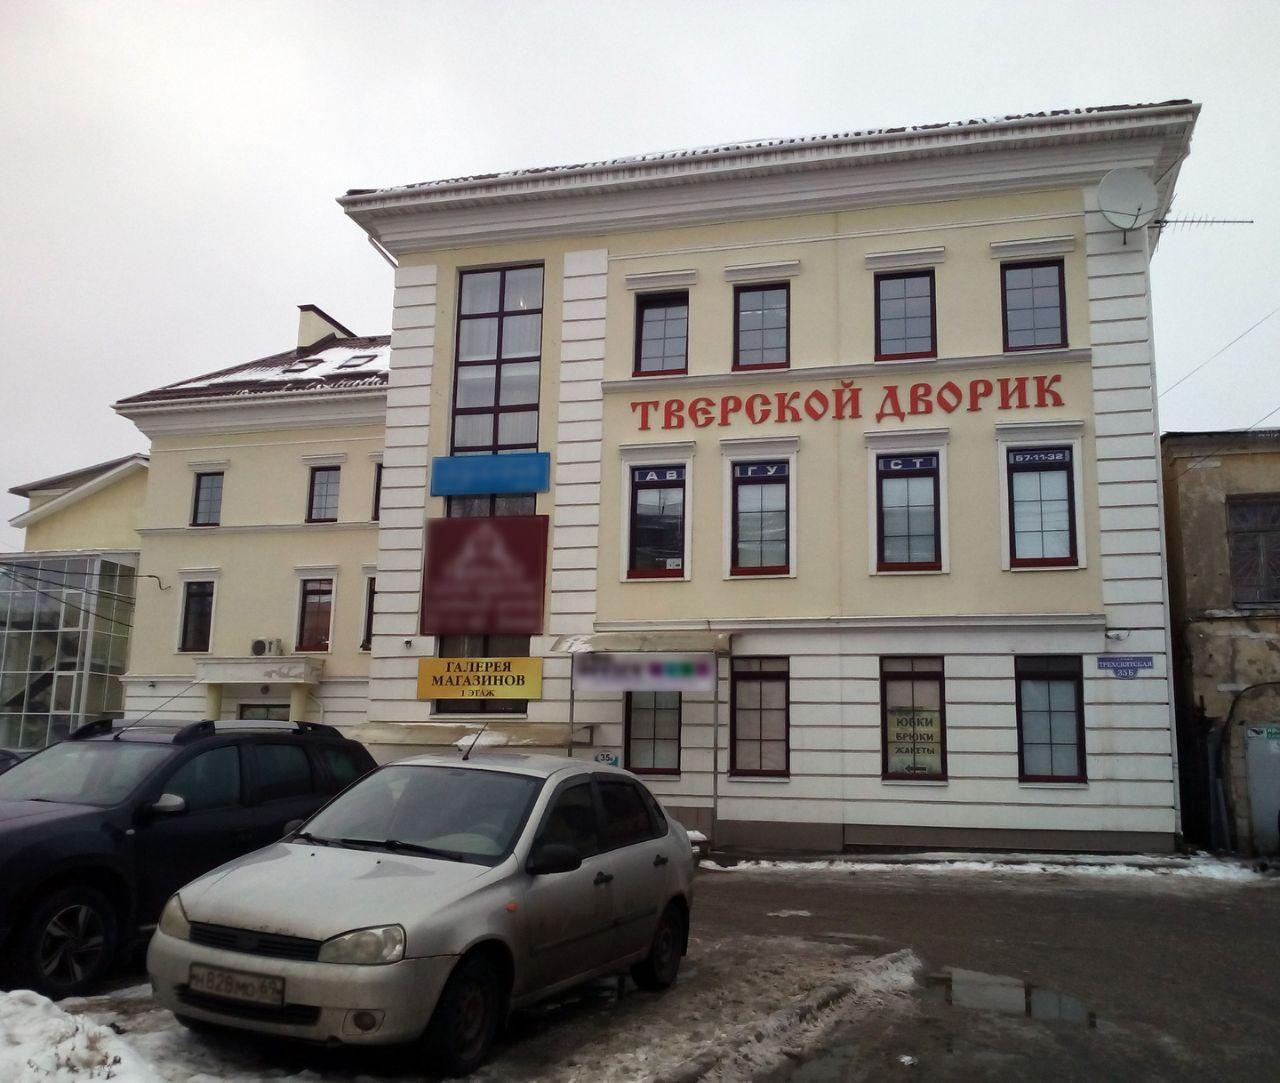 Торговом центре Тверской дворик (Tverskoj dvorik)